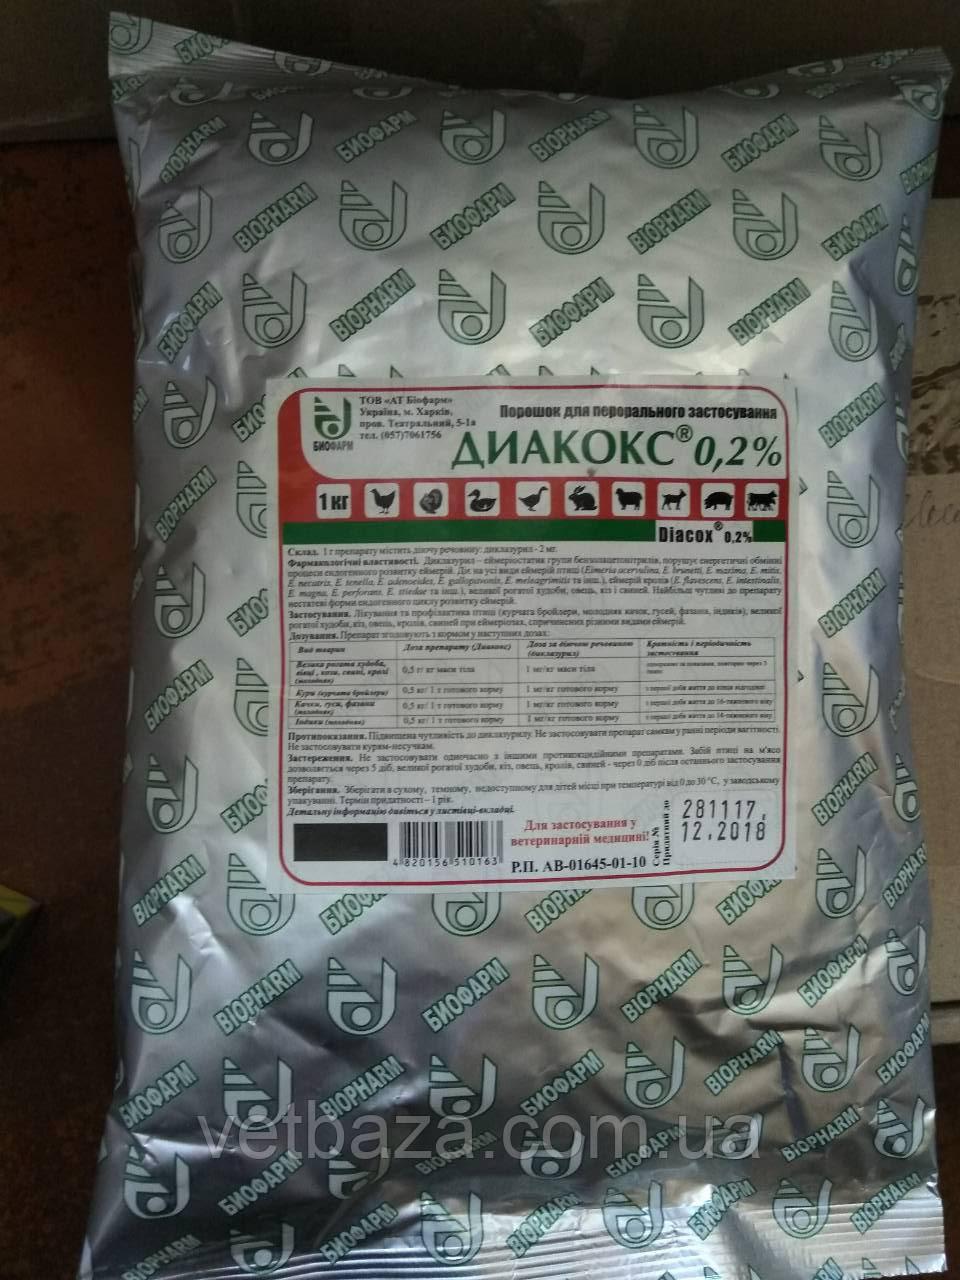 Диакокс 0,2% 1кг Биофарм (аналог Диклокс)